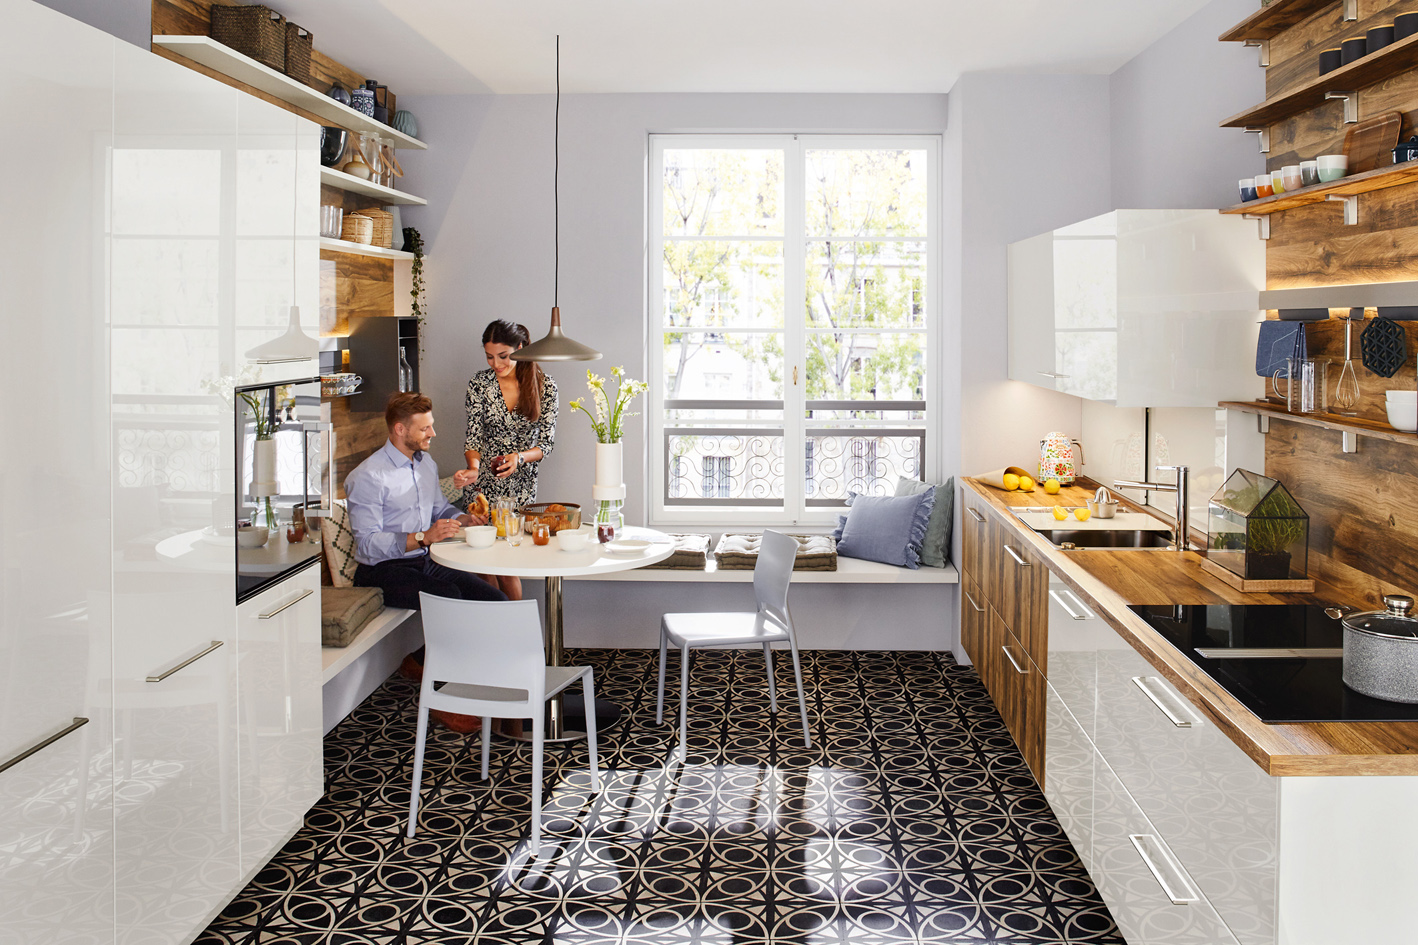 Full Size of Mini Küche Sitzgelegenheit Mini Küche Japan Mini Küche Für Gartenlaube Durchlauferhitzer Mini Küche Küche Mini Küche